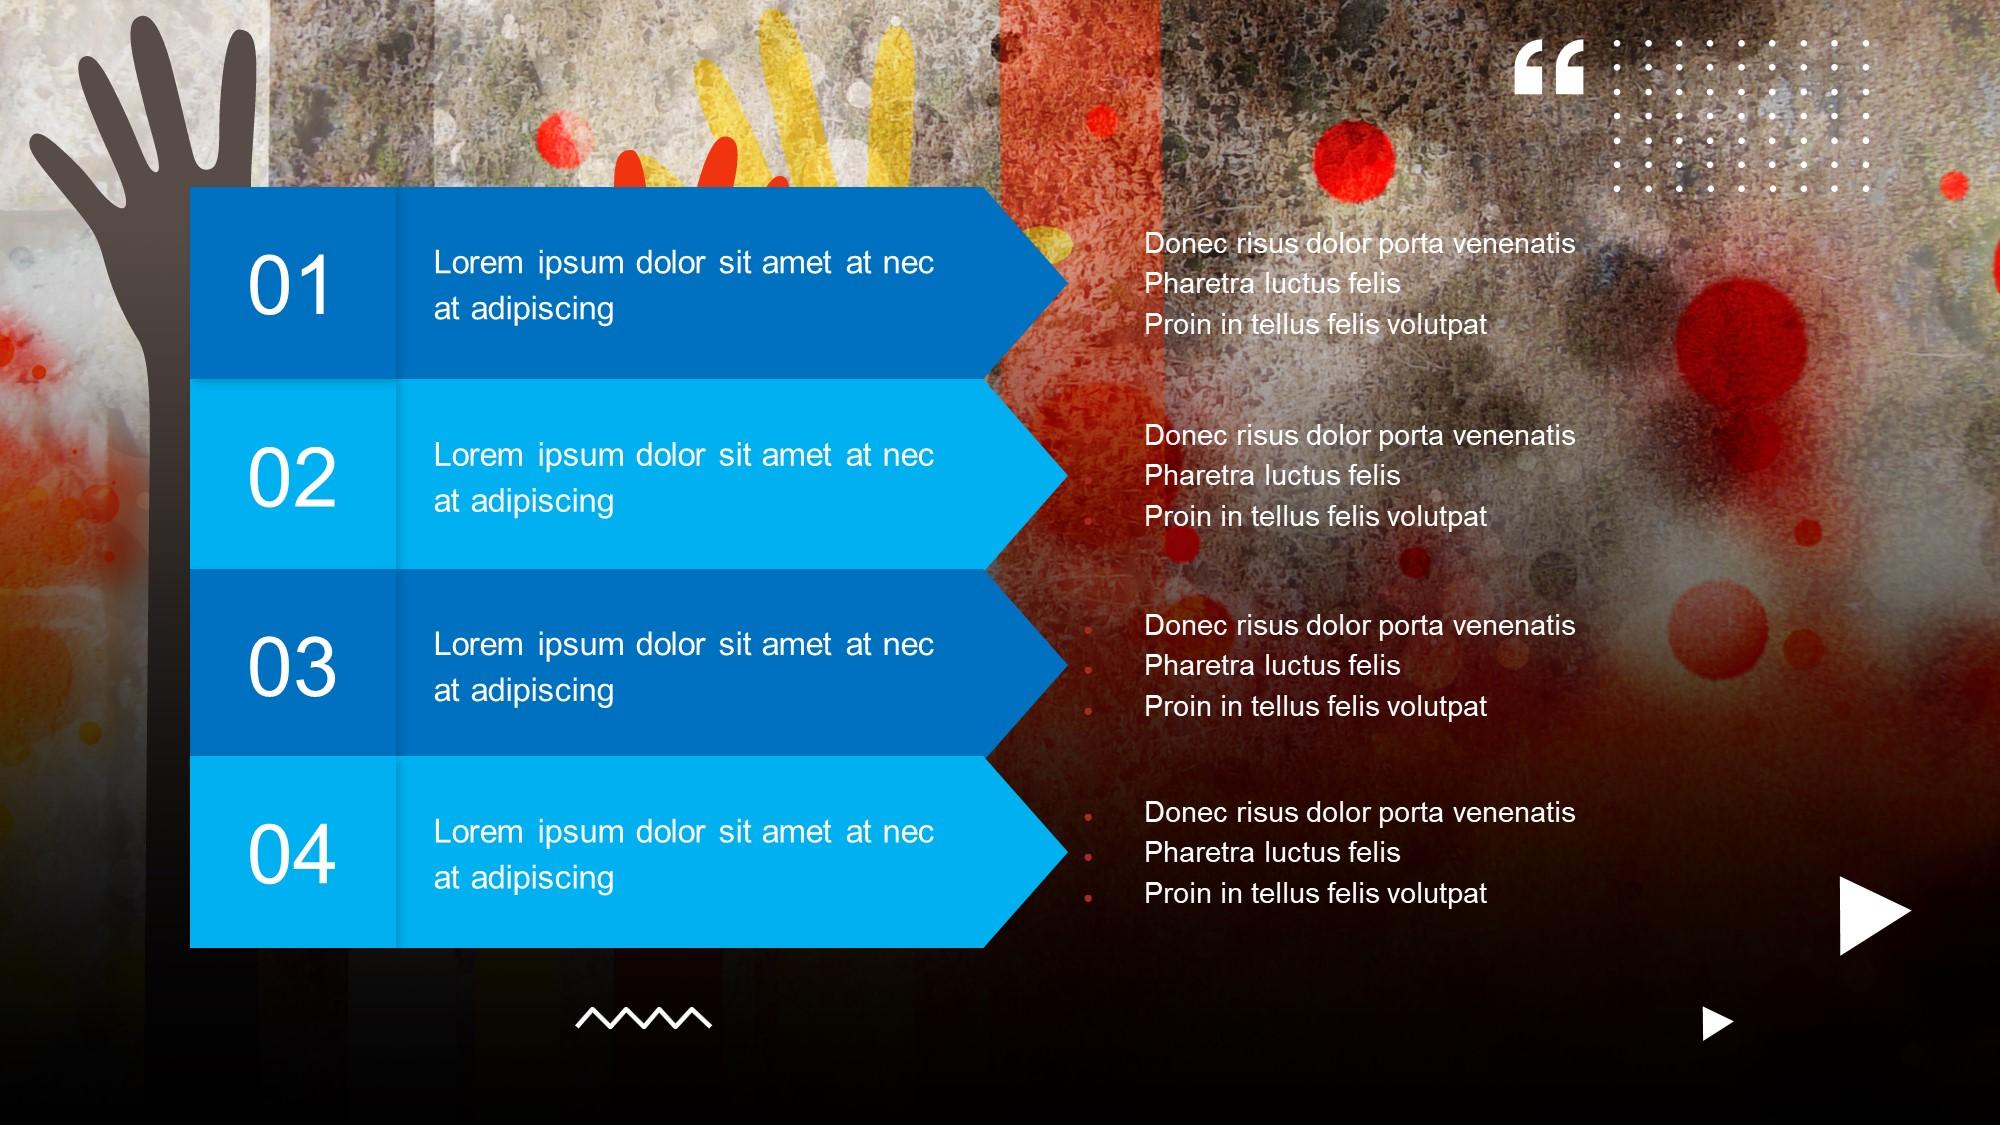 4 panel info slide